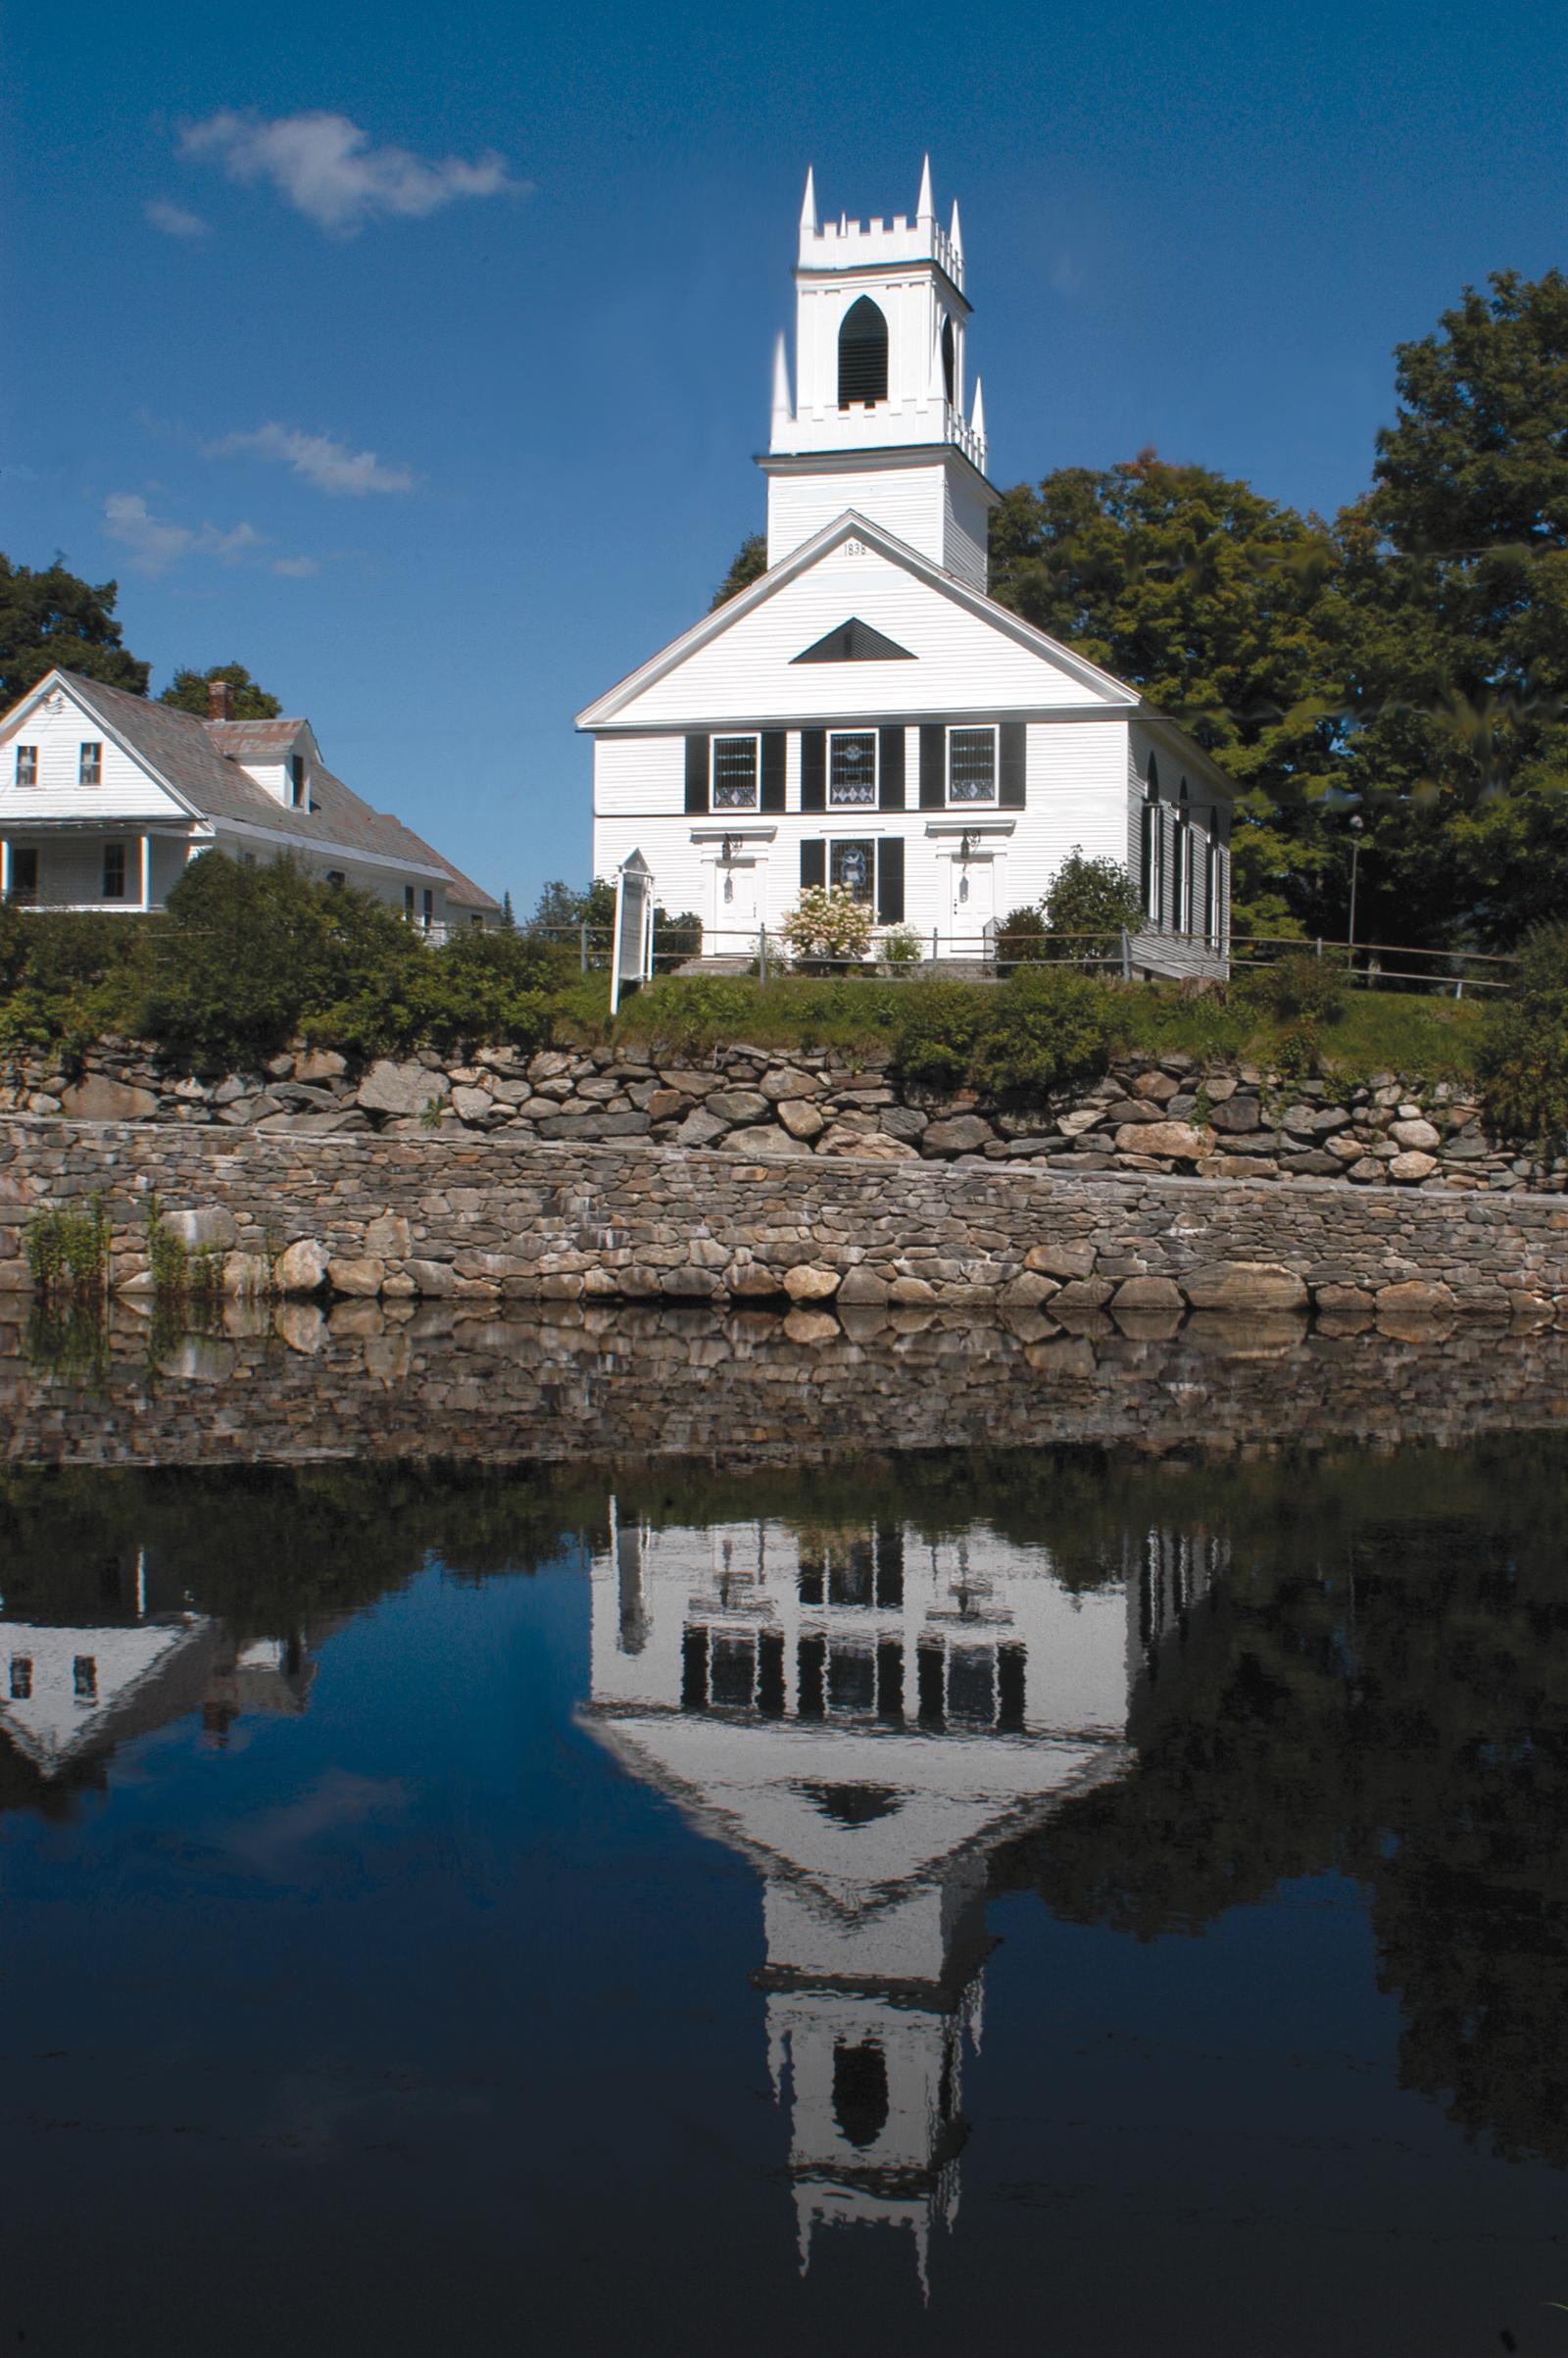 Weston Community Church